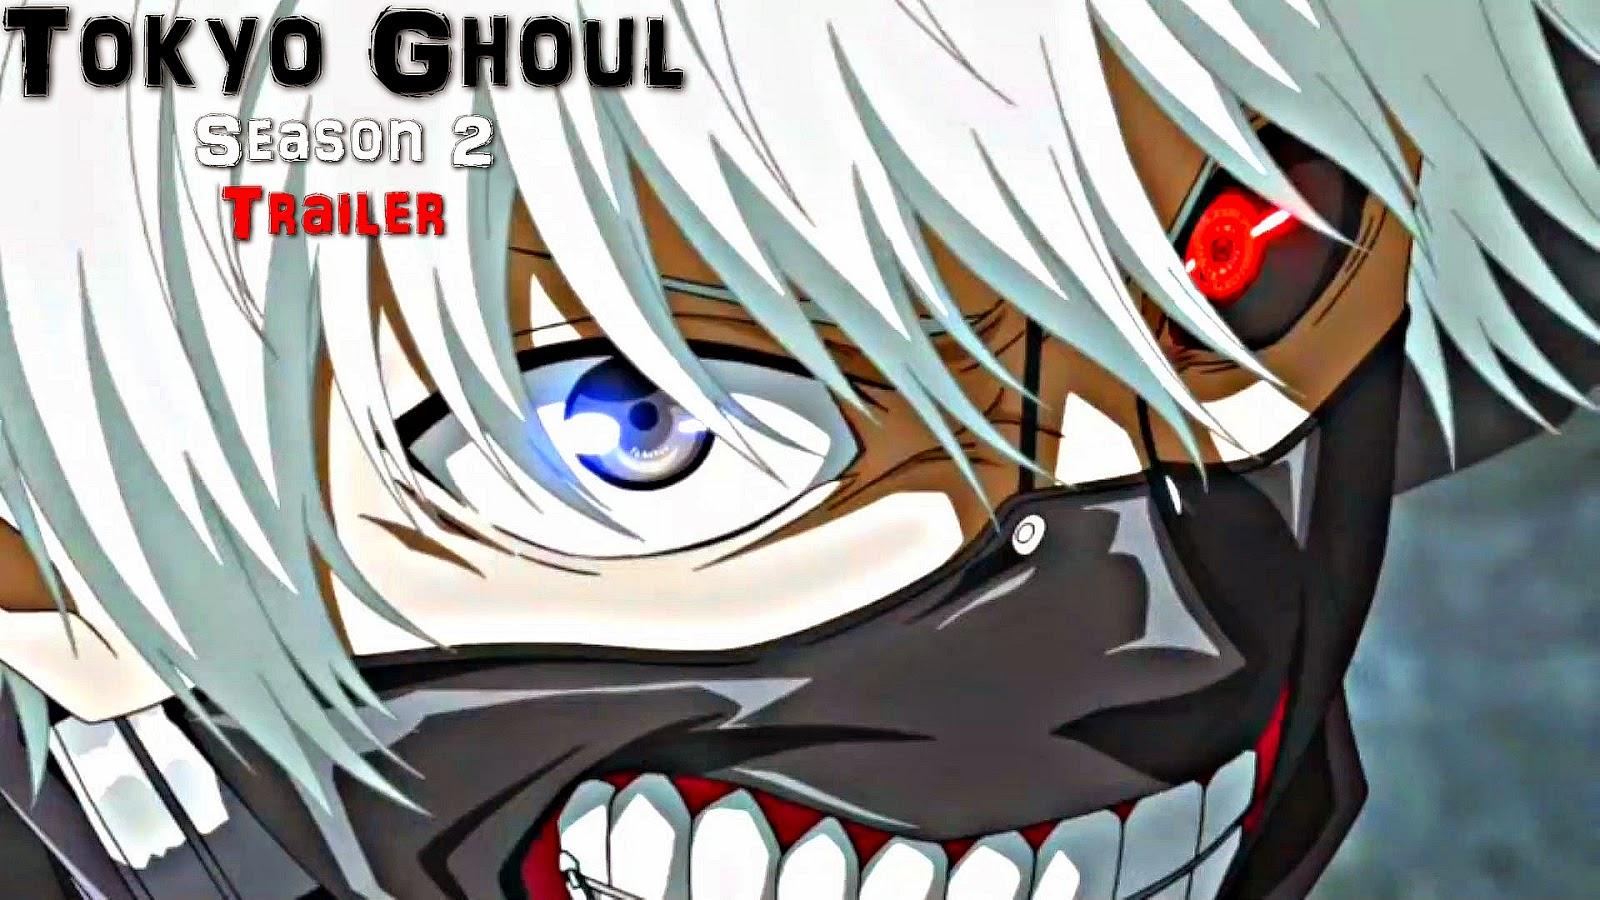 Noragami Hd Wallpaper Tokyo Ghoul Season 2 Pv